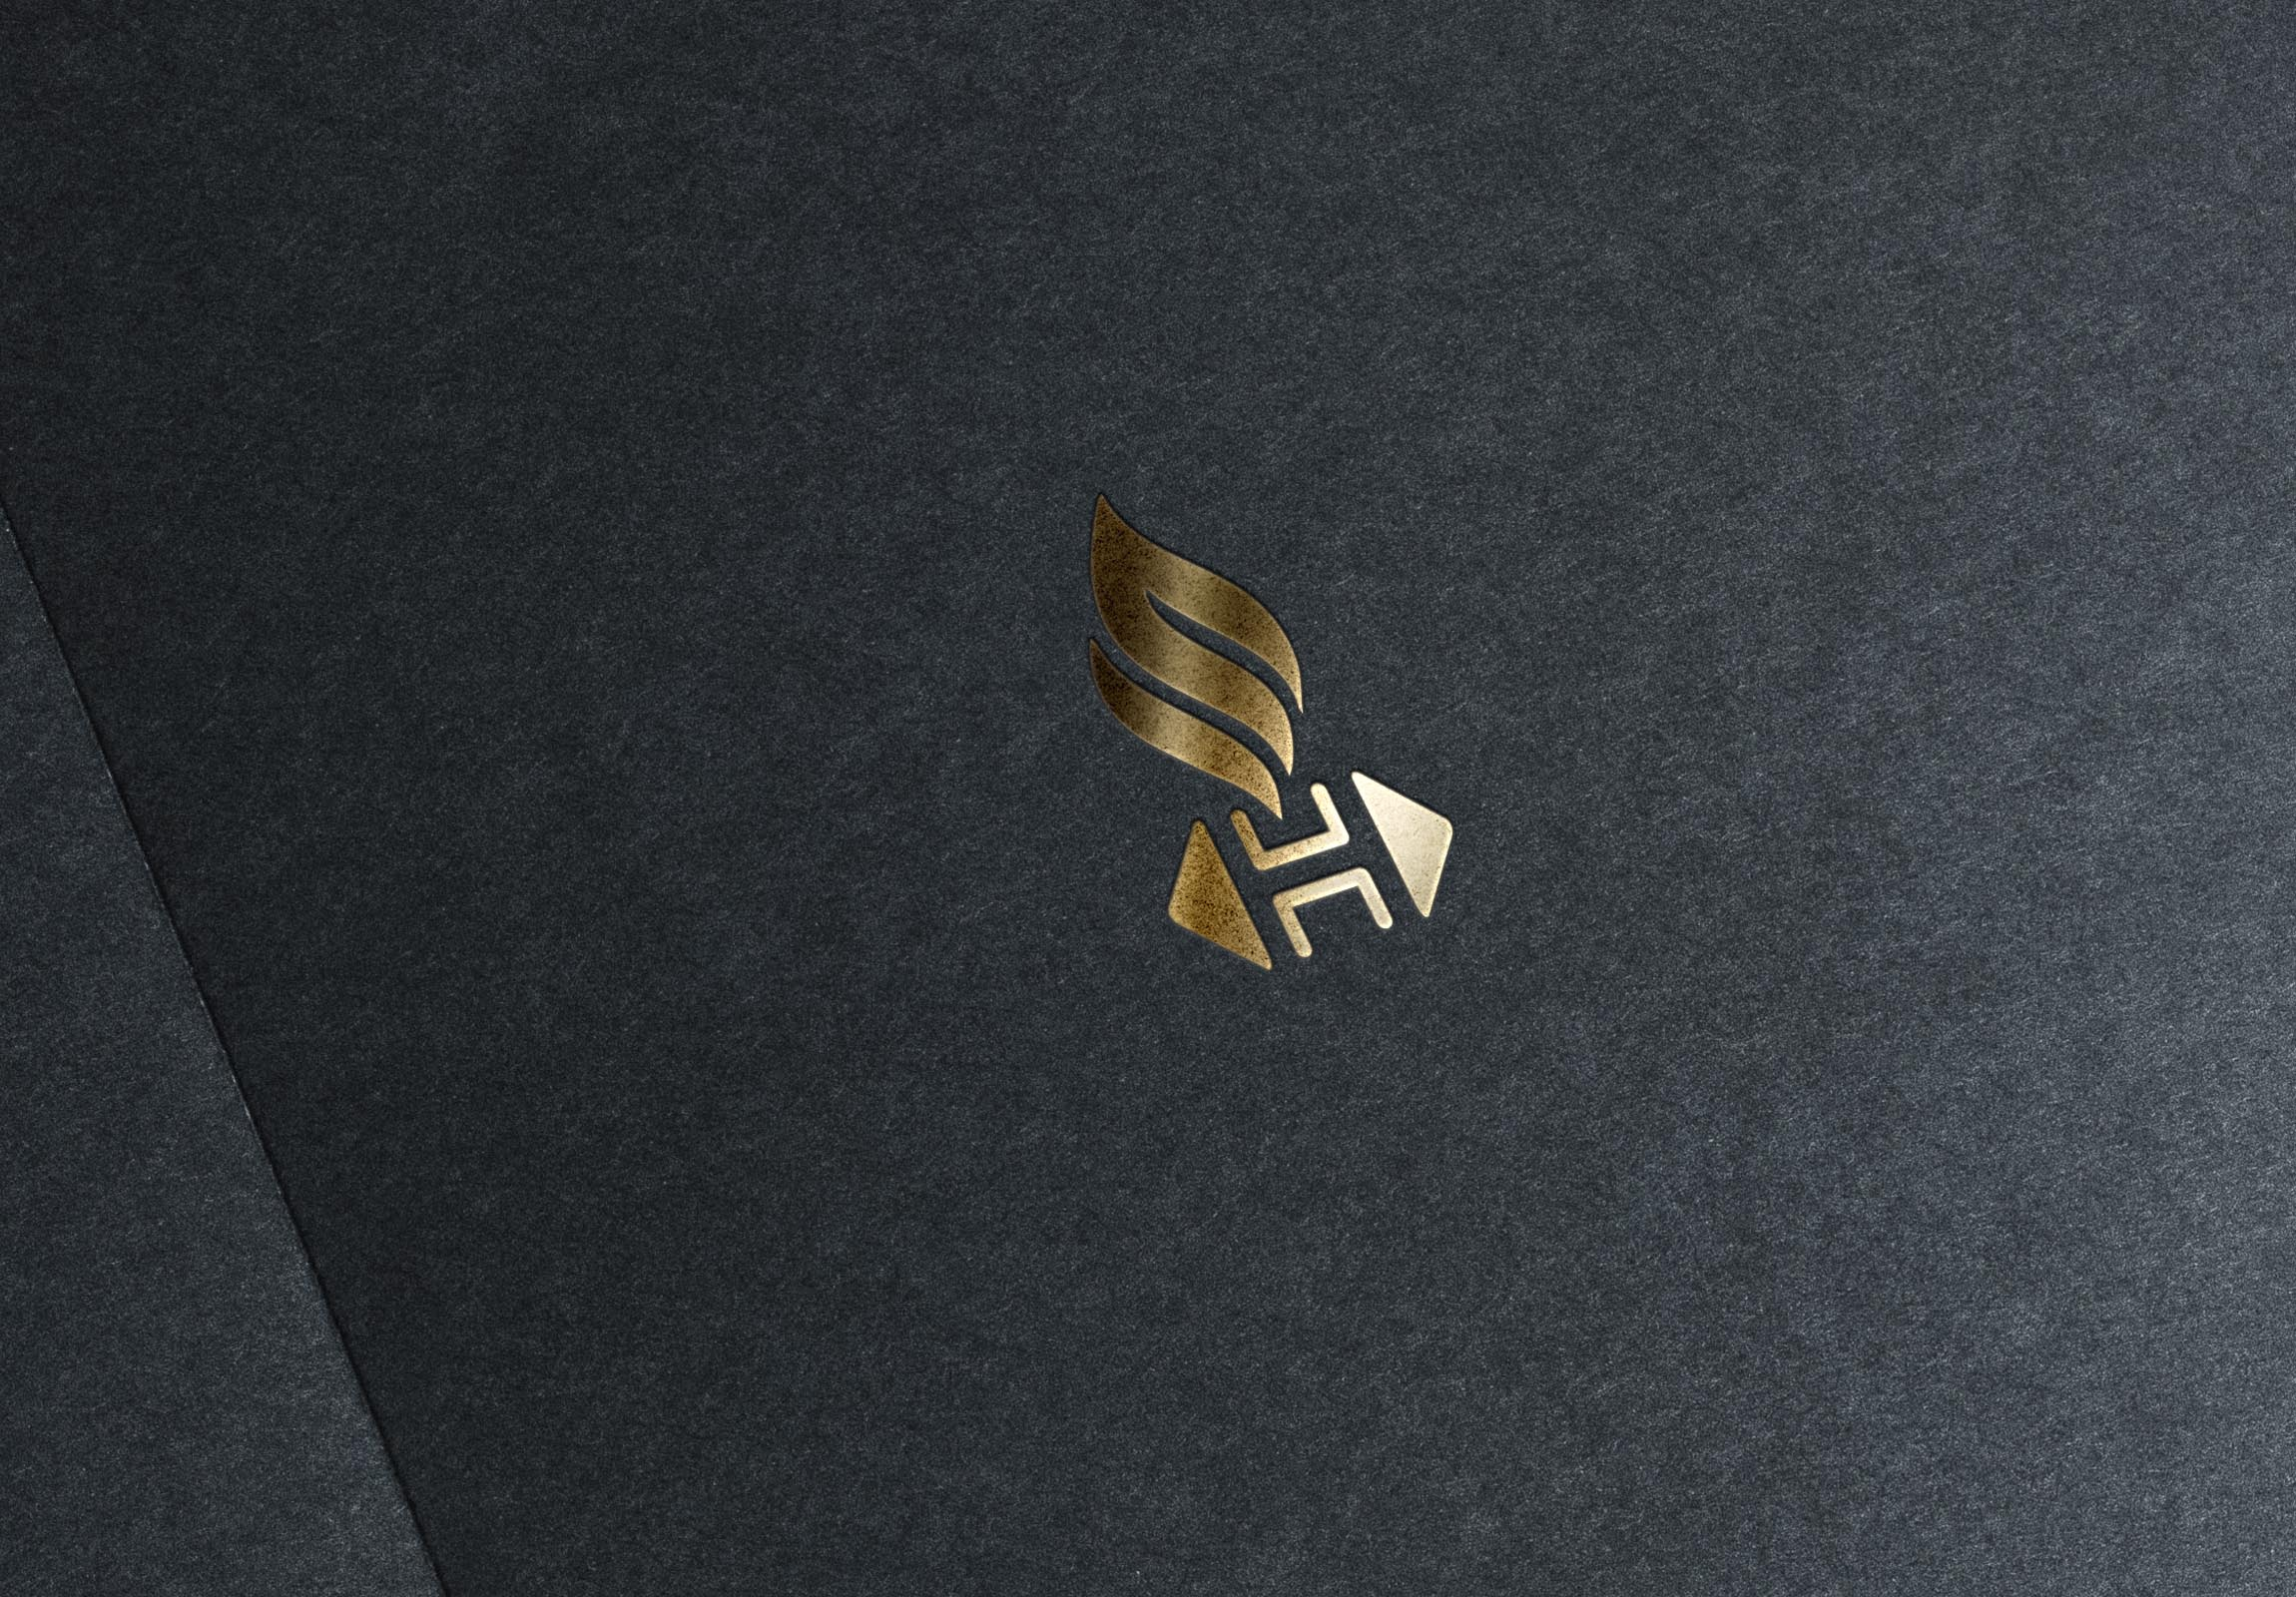 Разработка логотипа и фирменного стиля фото f_2695da542d12349e.jpg